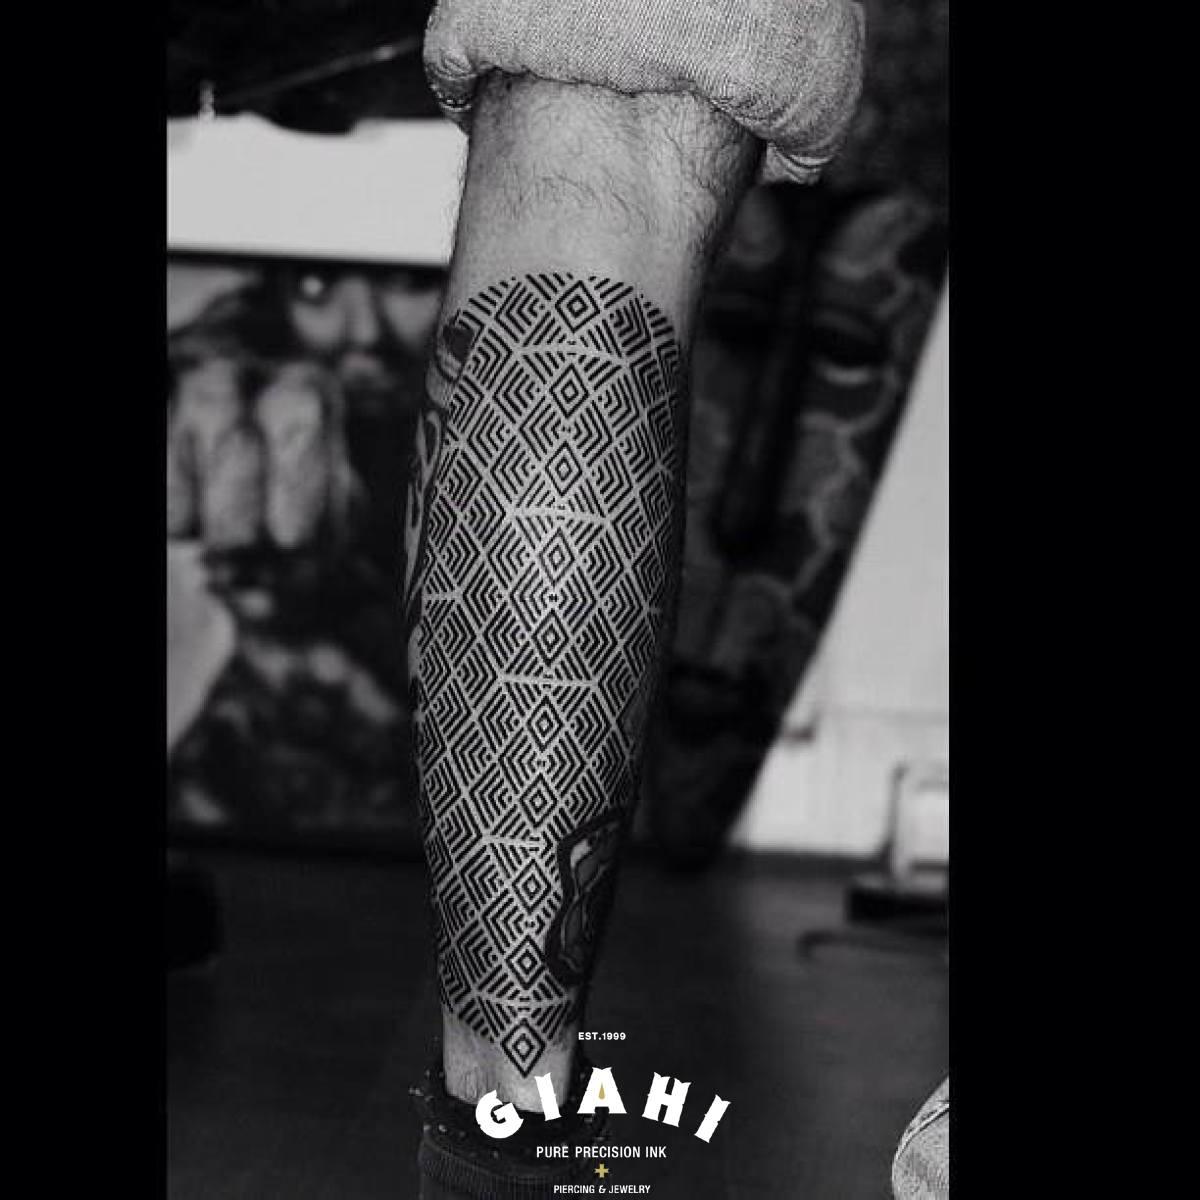 Geometry Lines Rhombus Blackwork tattoo by Andy Cryztalz